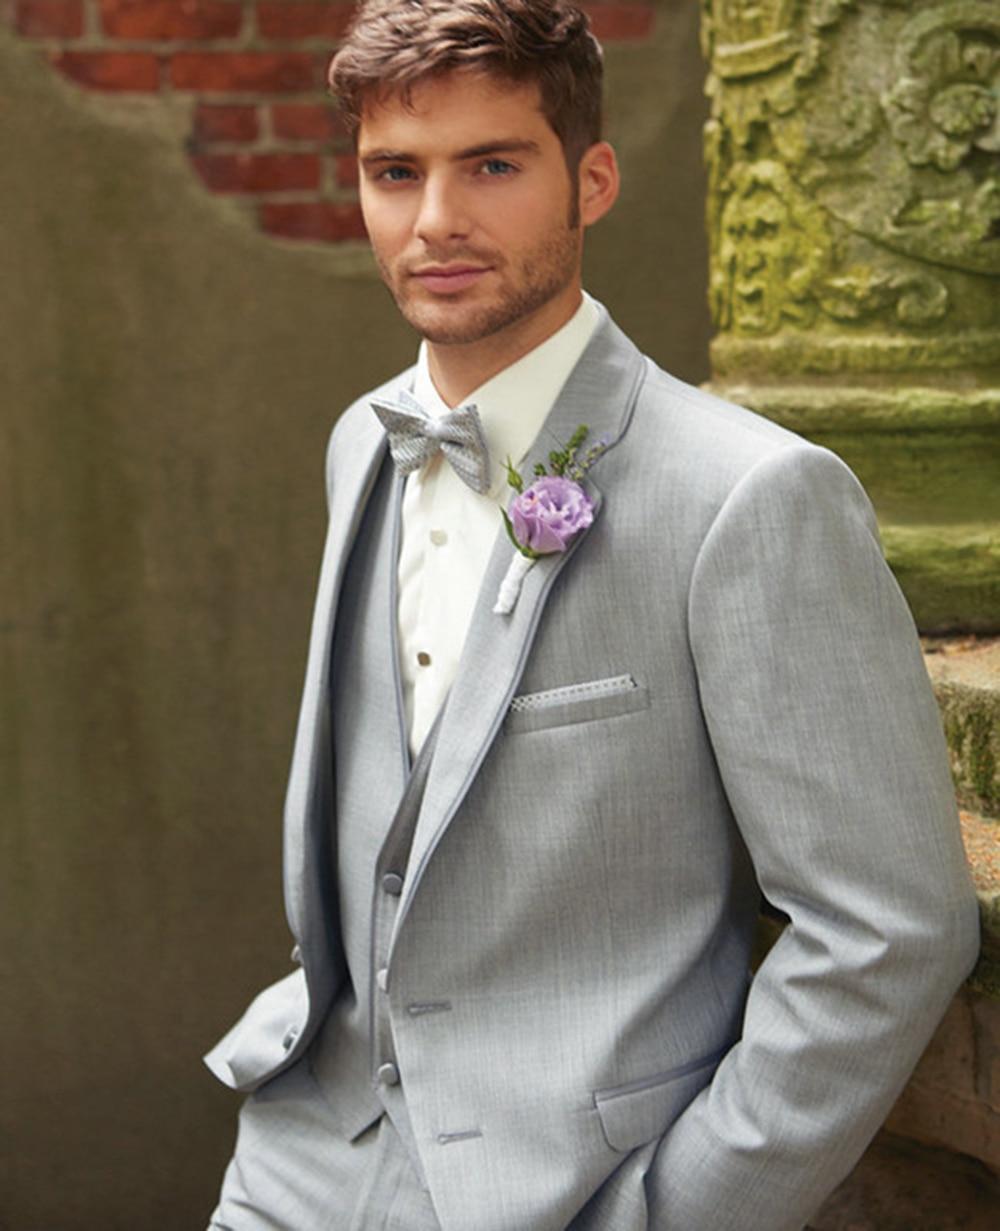 Homme costumes gris trois pièces coton marié costume sur mesure Tuxedos pour hommes Groomsman marié mariage (veste + pantalon + gilet + cravate) - 2